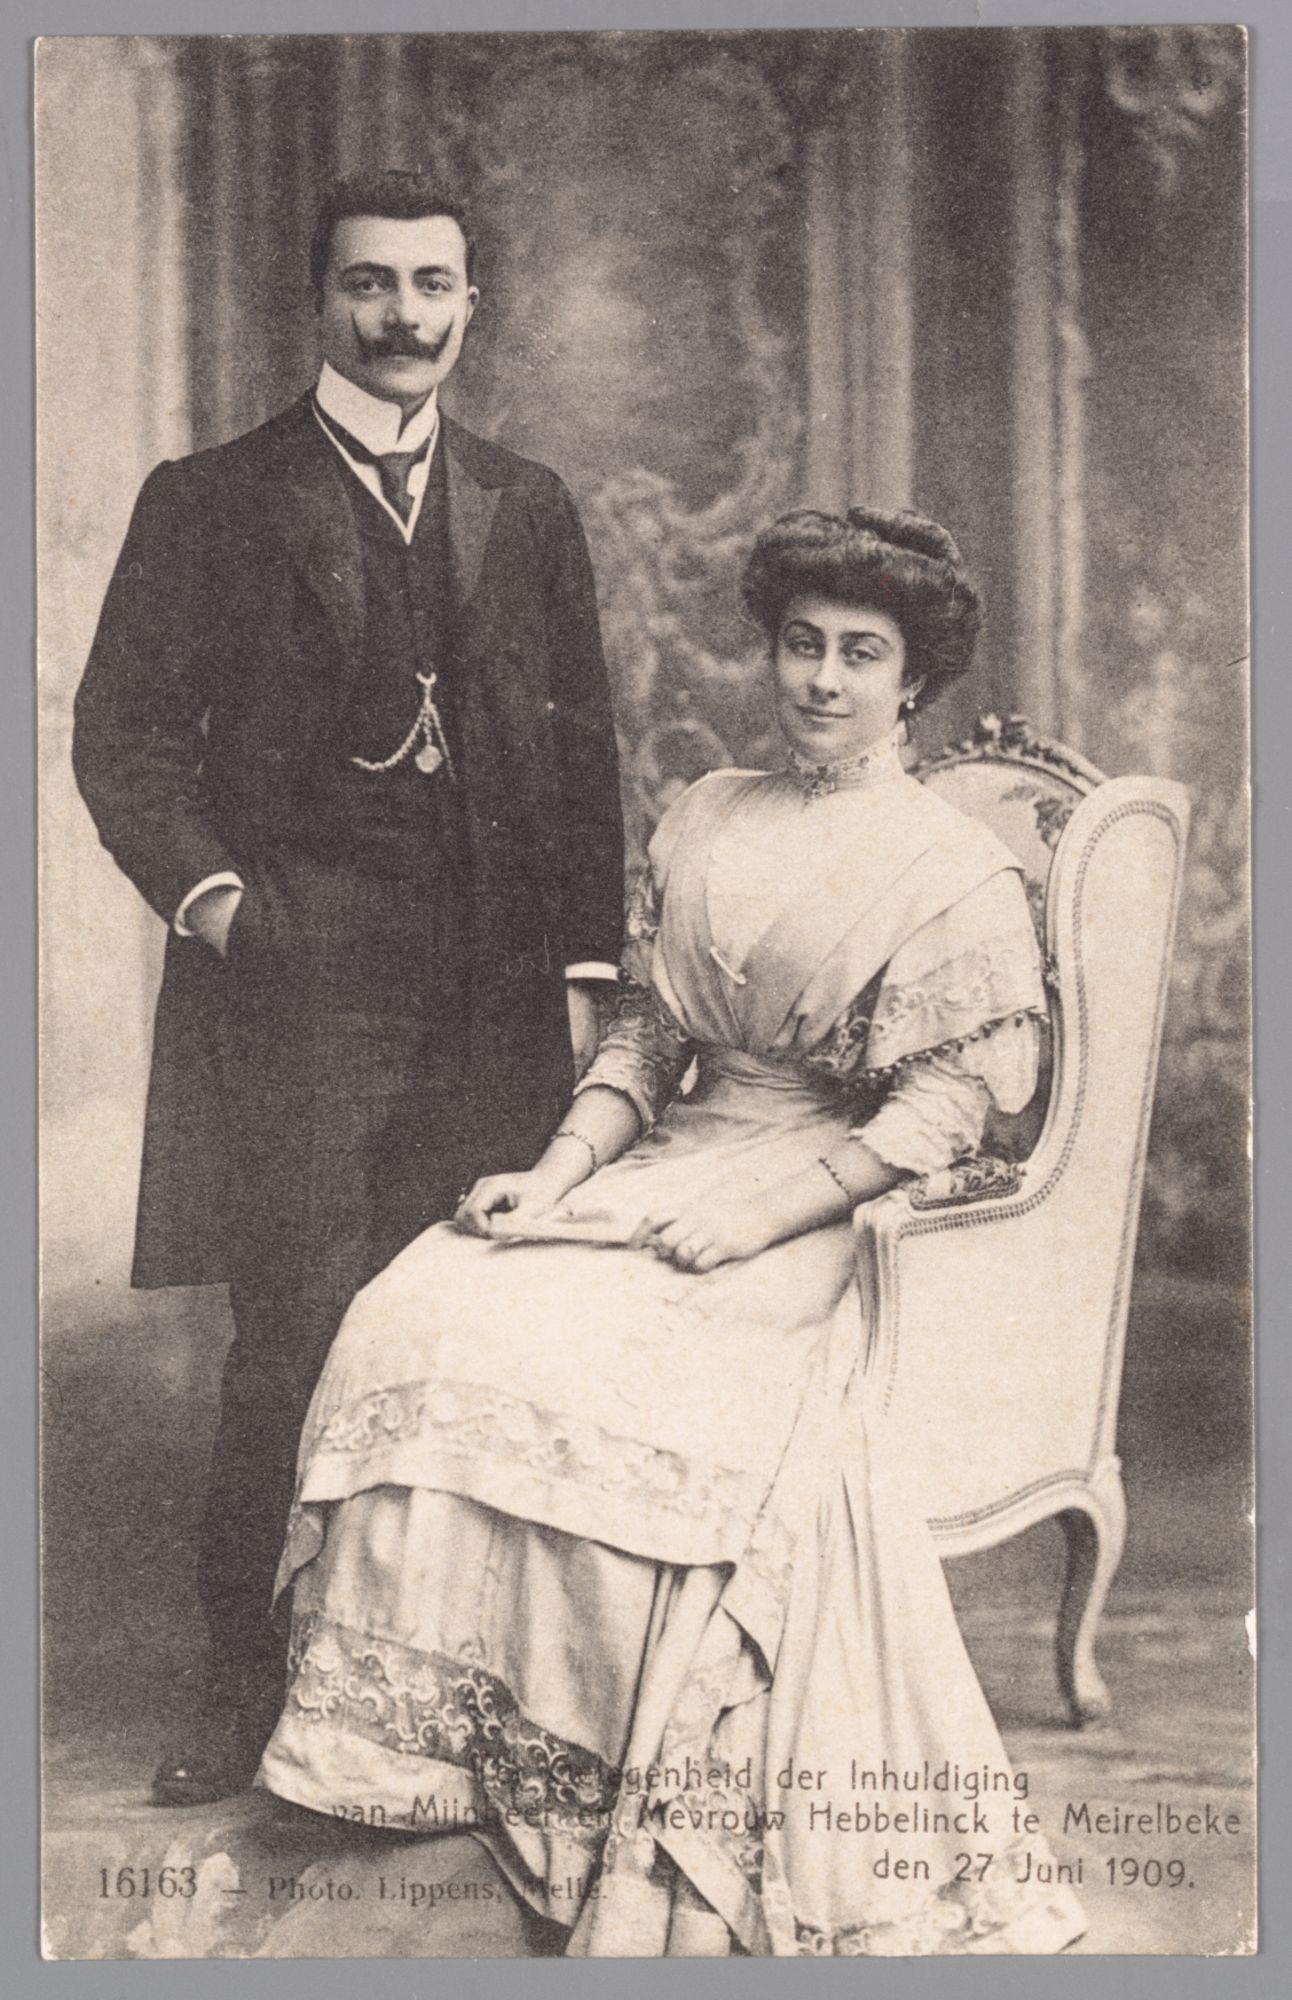 Portretfoto van het echtpaar Hebbelinck bij hun inhuldiging in Merelbeke, 27 juni 1909